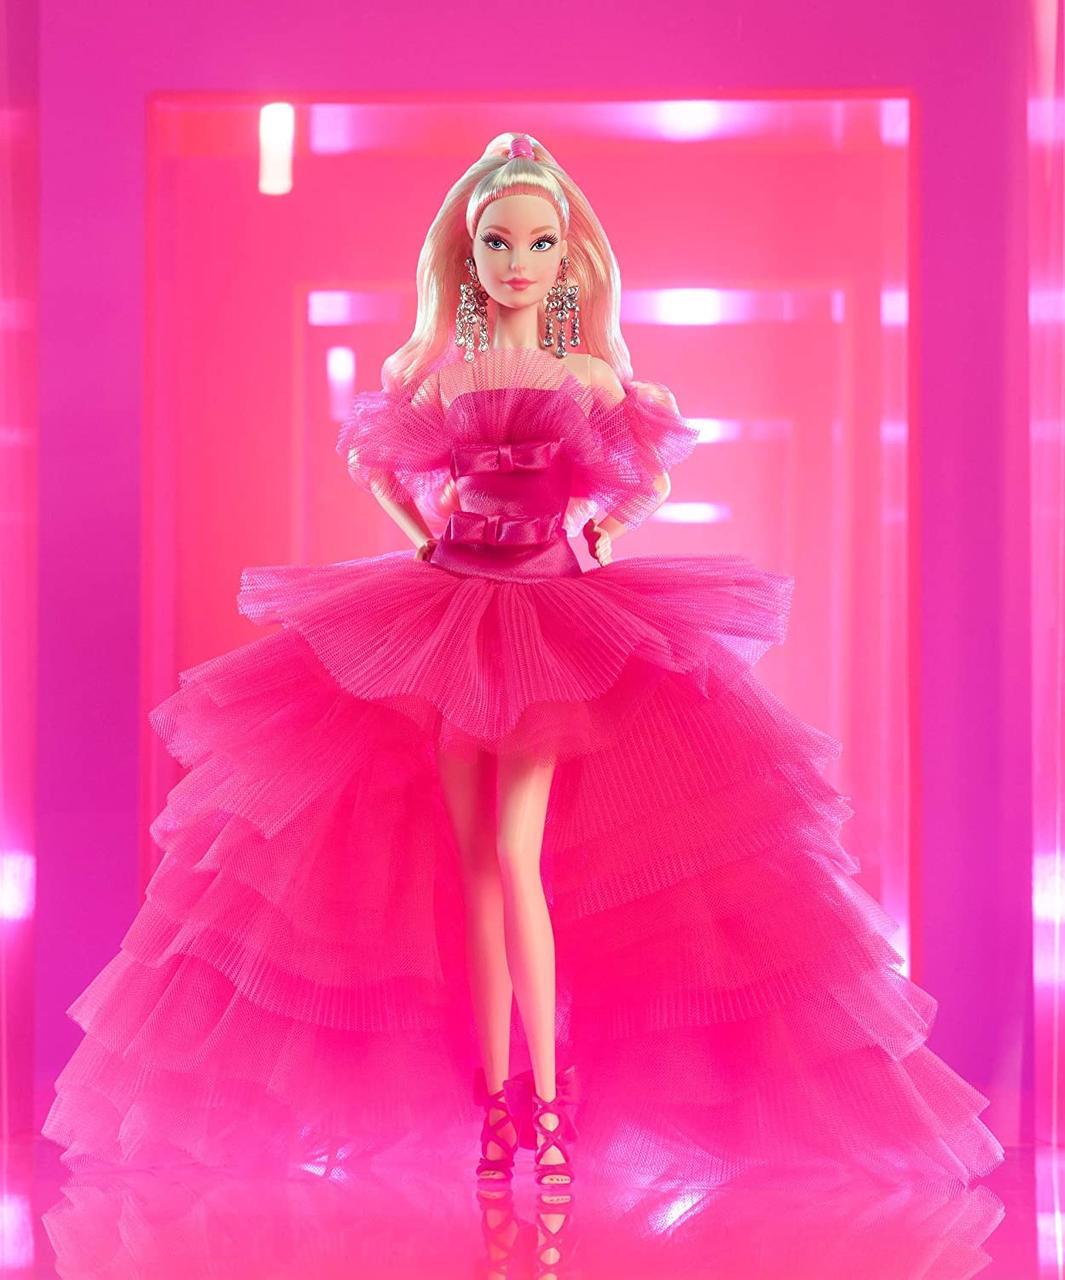 Коллекционная кукла Barbie Signature Розовая коллекция GTJ76